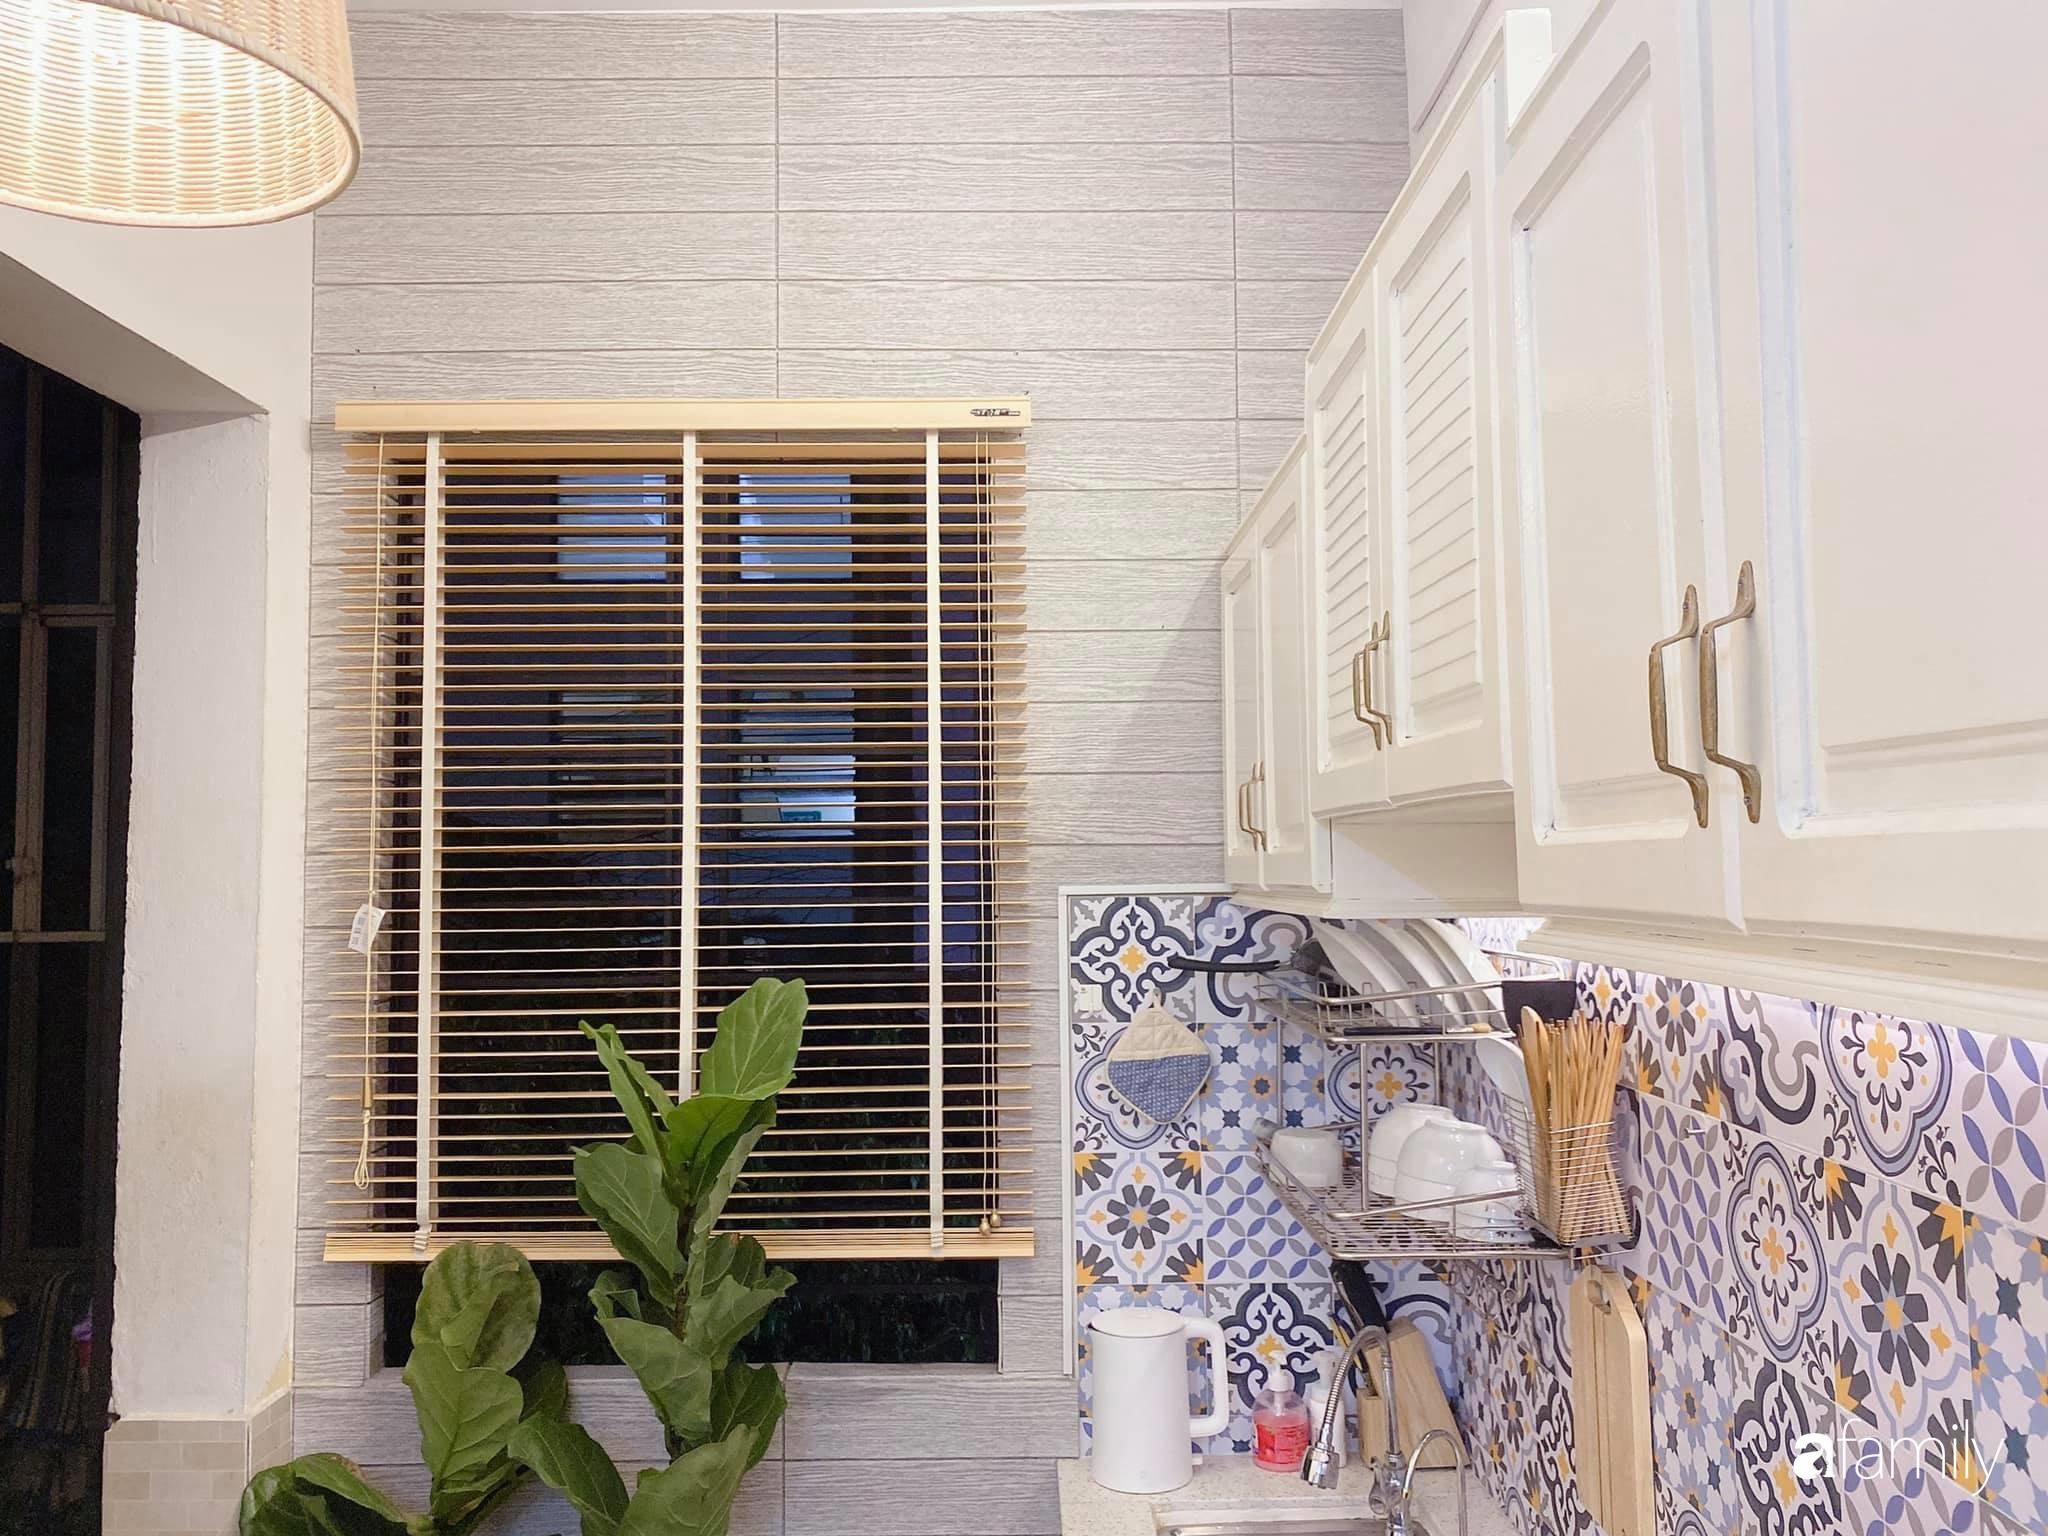 """Anh chồng chiều vợ """"thay áo mới"""" cho căn bếp cũ 6m² trở thành không gian đẹp miễn chê với chi phí chưa đến 3 triệu đồng ở Đà Nẵng - Ảnh 8."""